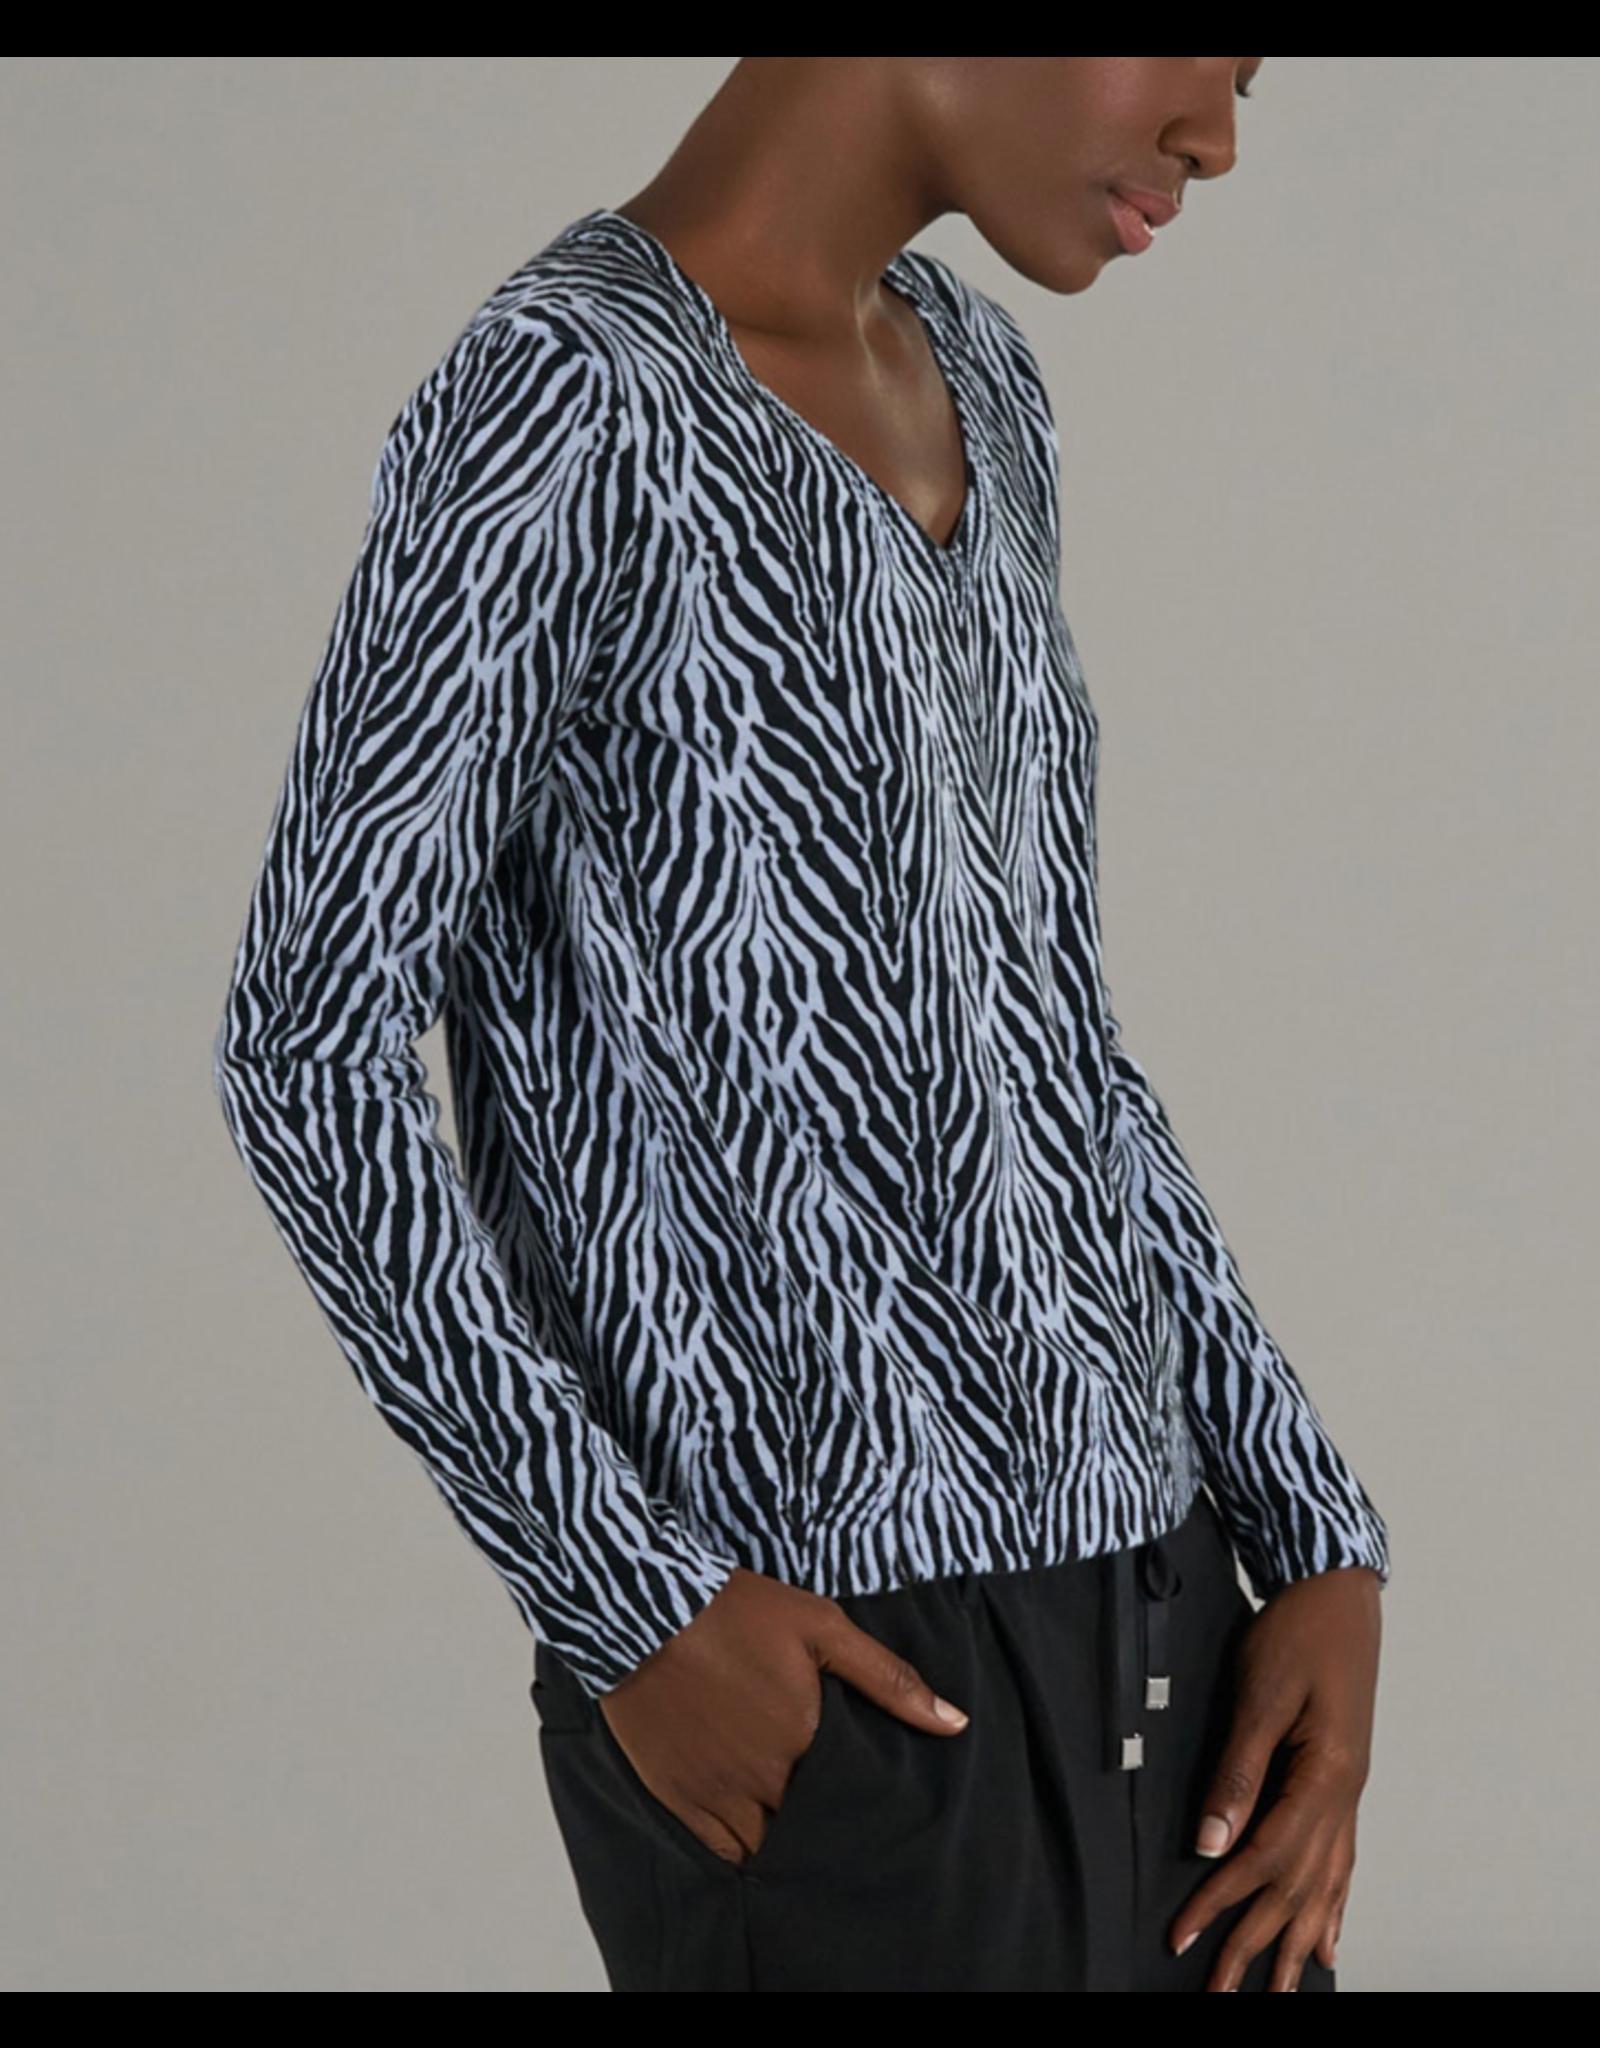 ATM Cotton Cashmere Zebra V-Neck